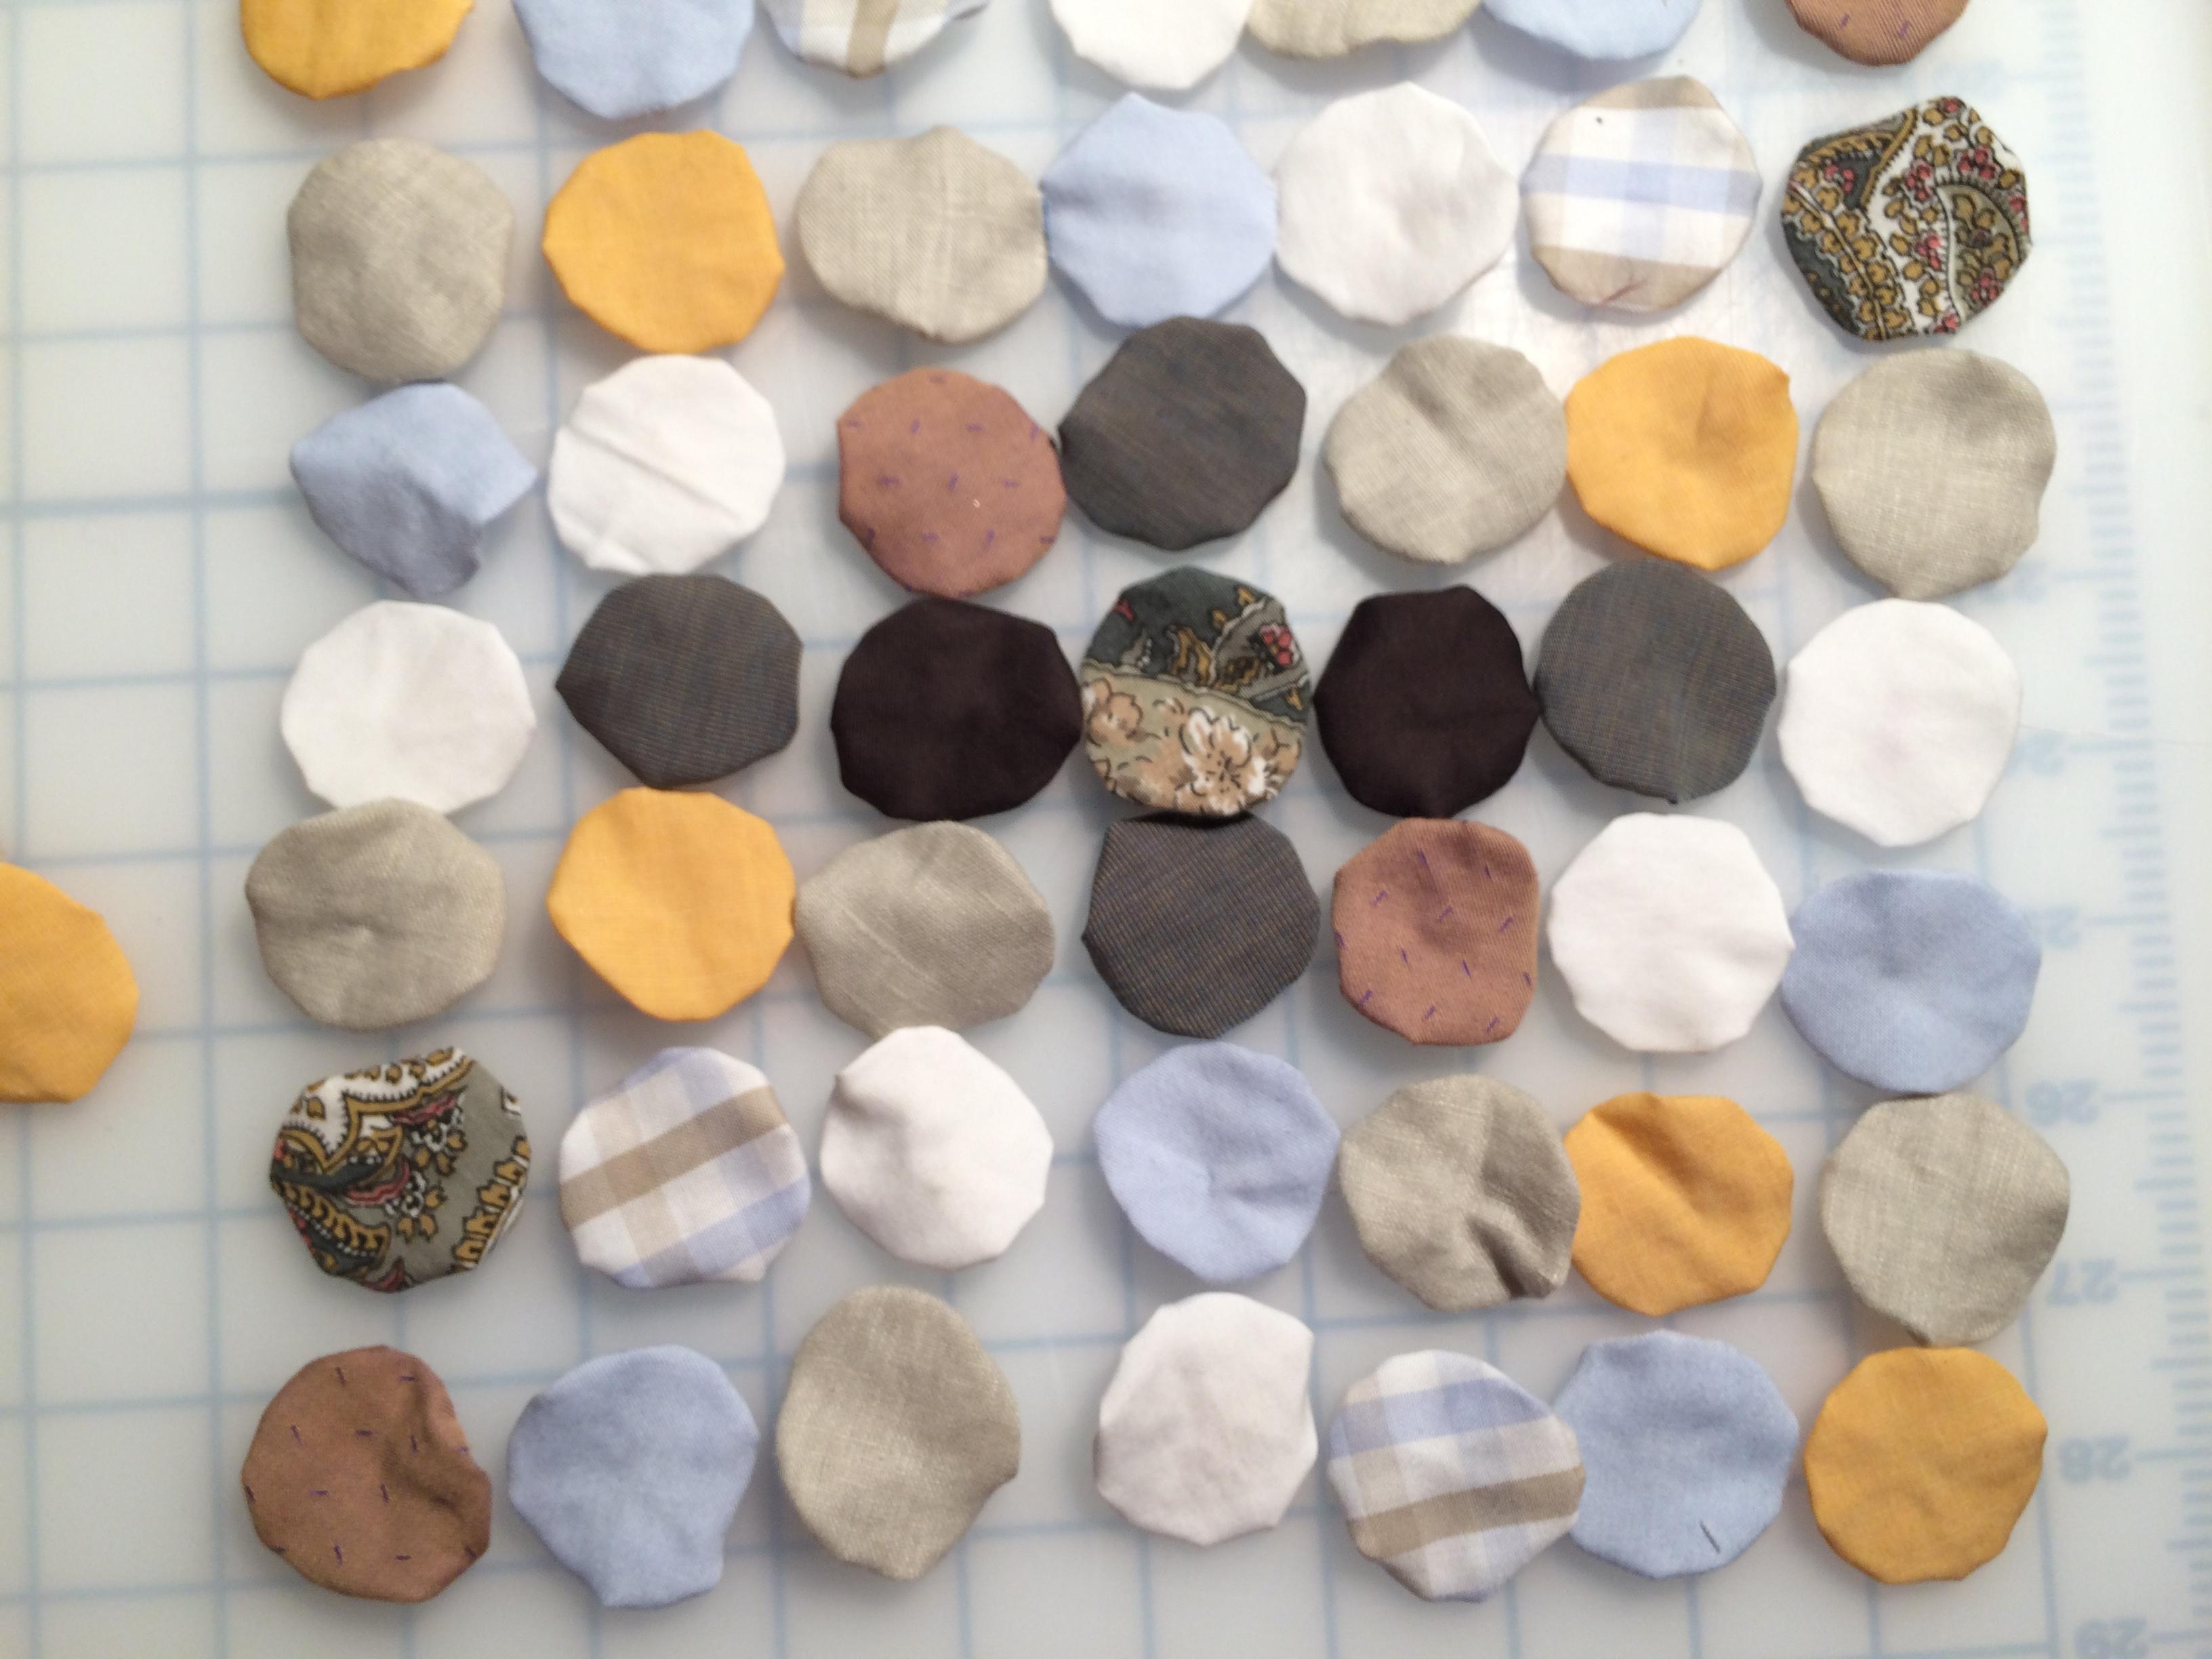 Suffolk Puff patchwork pieces